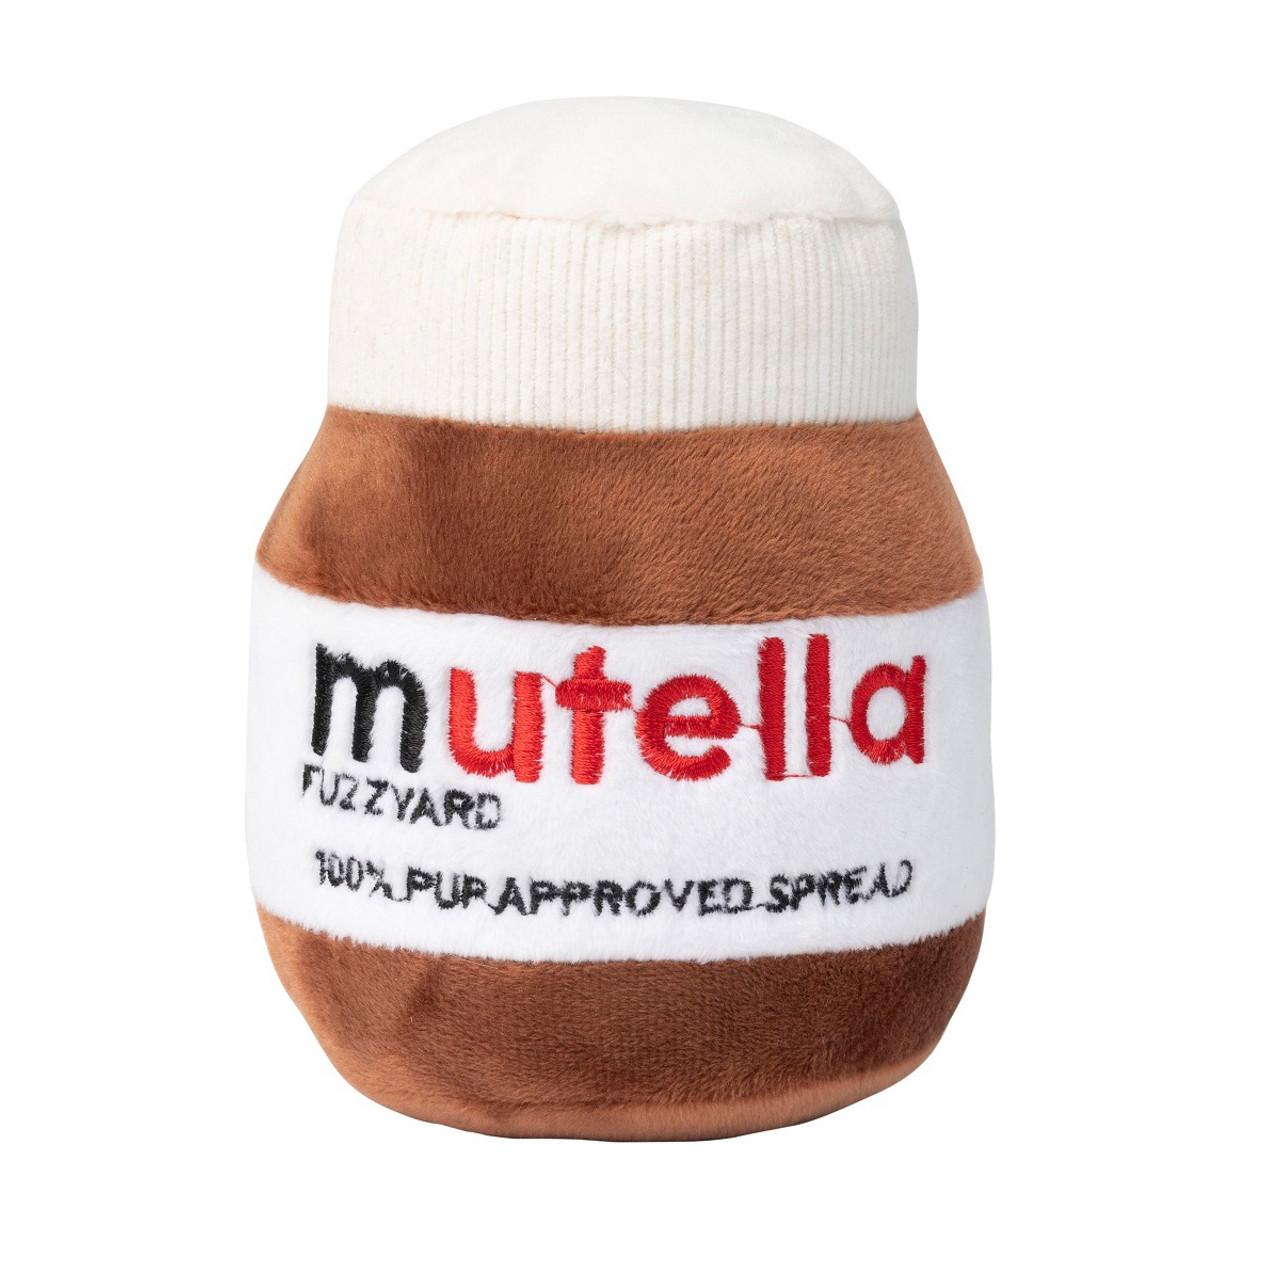 FuzzYard Mutella Plush Toy